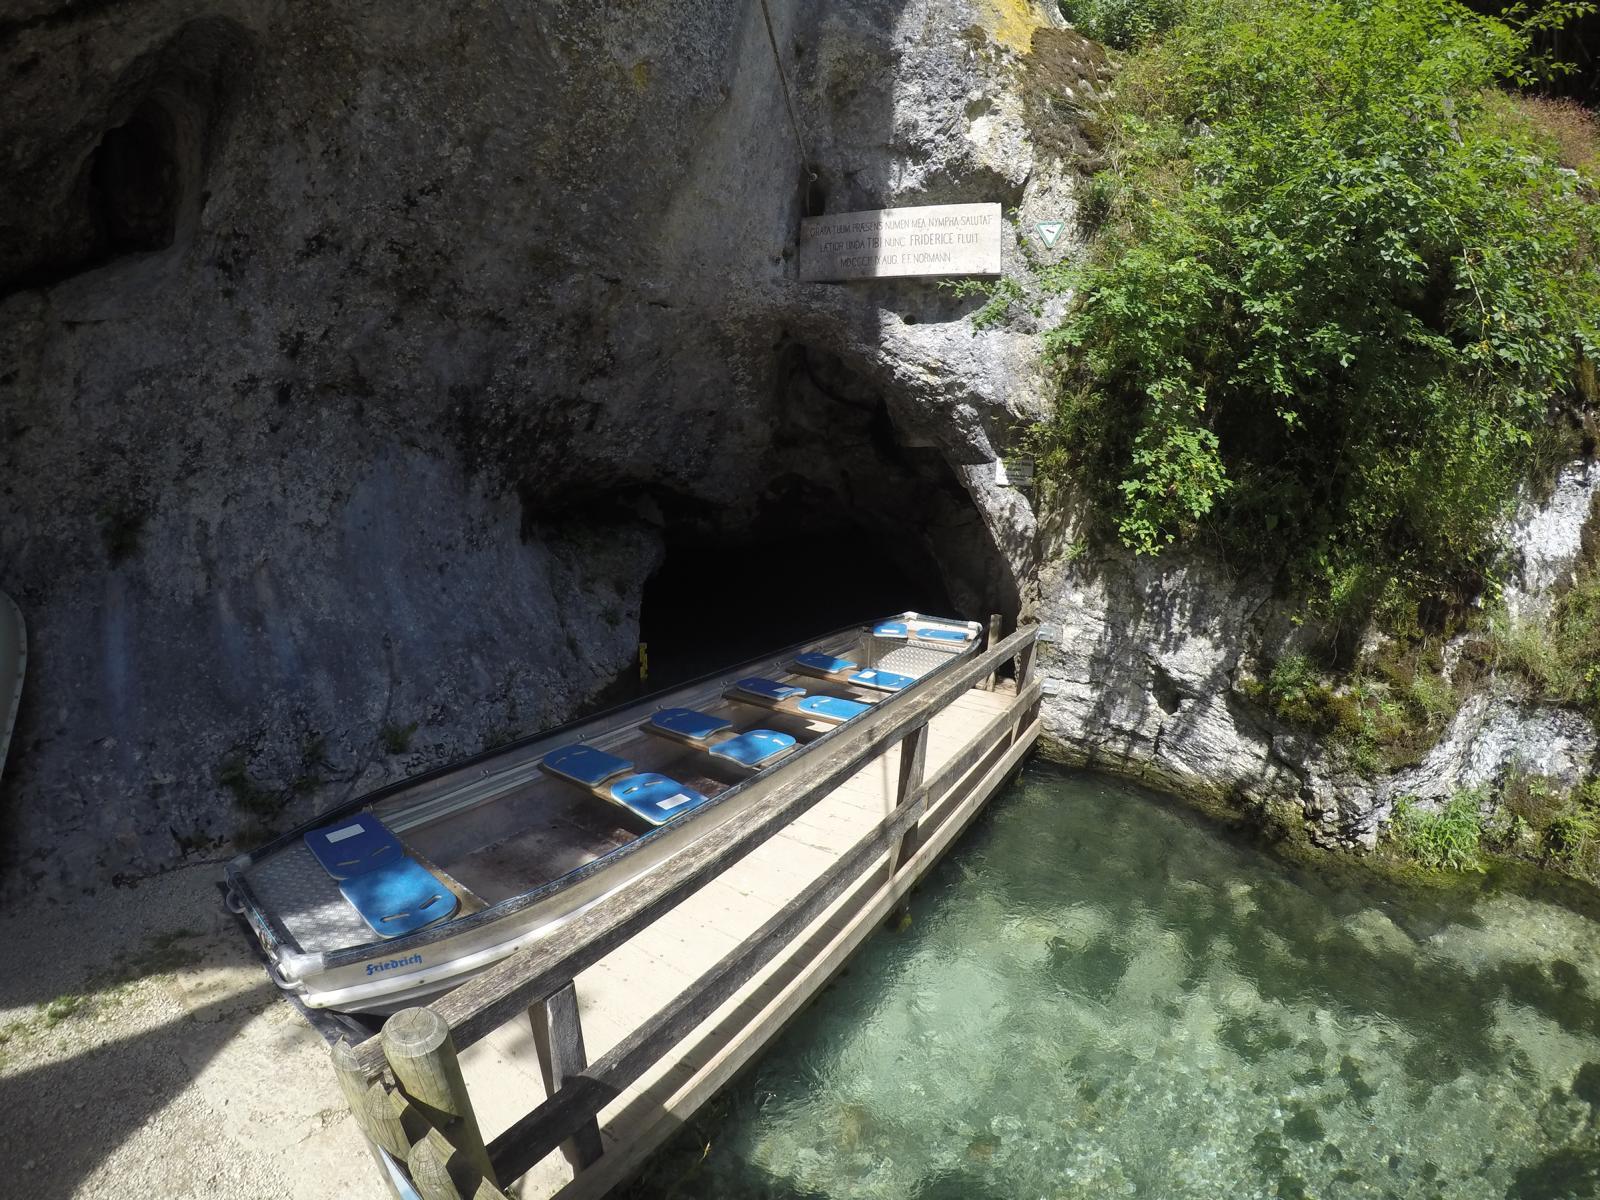 Radreise deutsche donau wimsener höhle